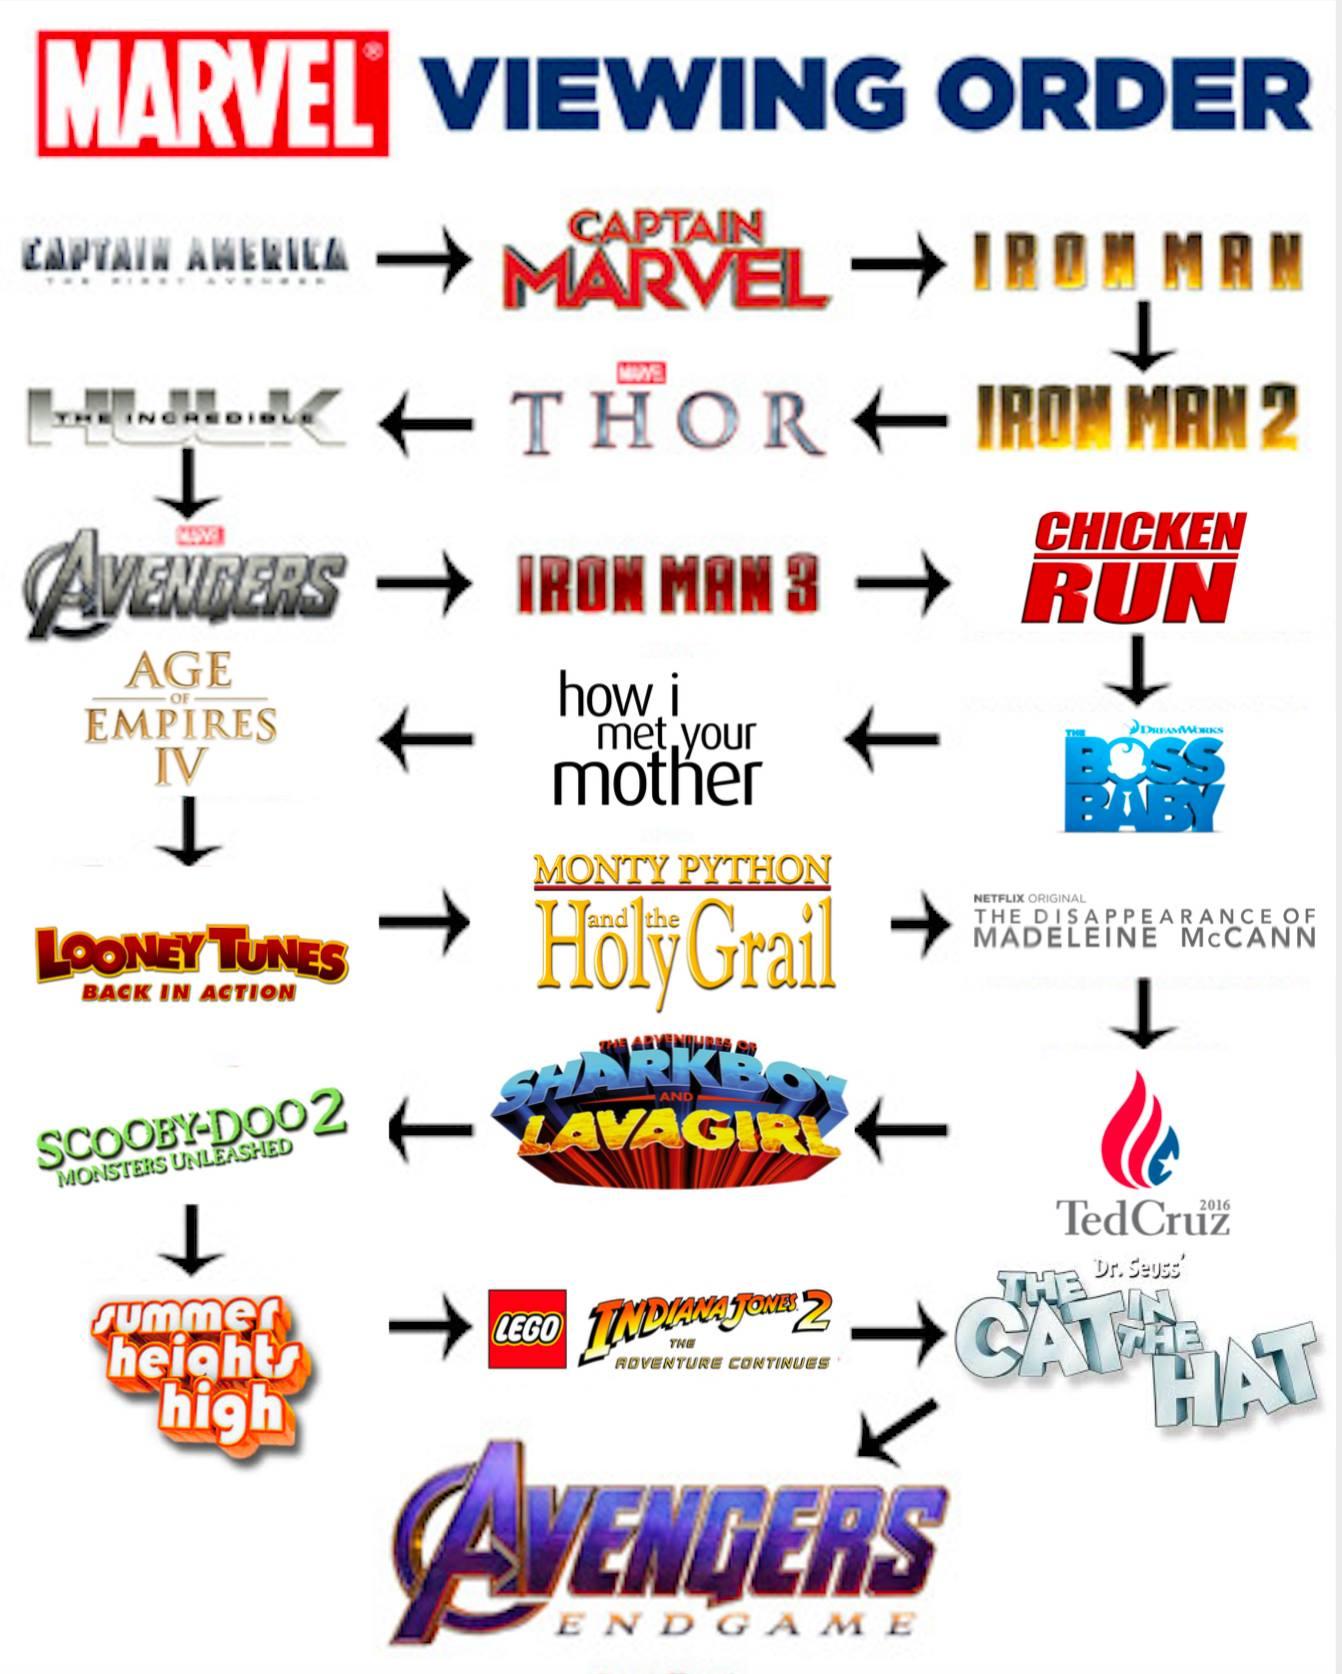 Lo que tienes que ver antes de Avengers Endgame